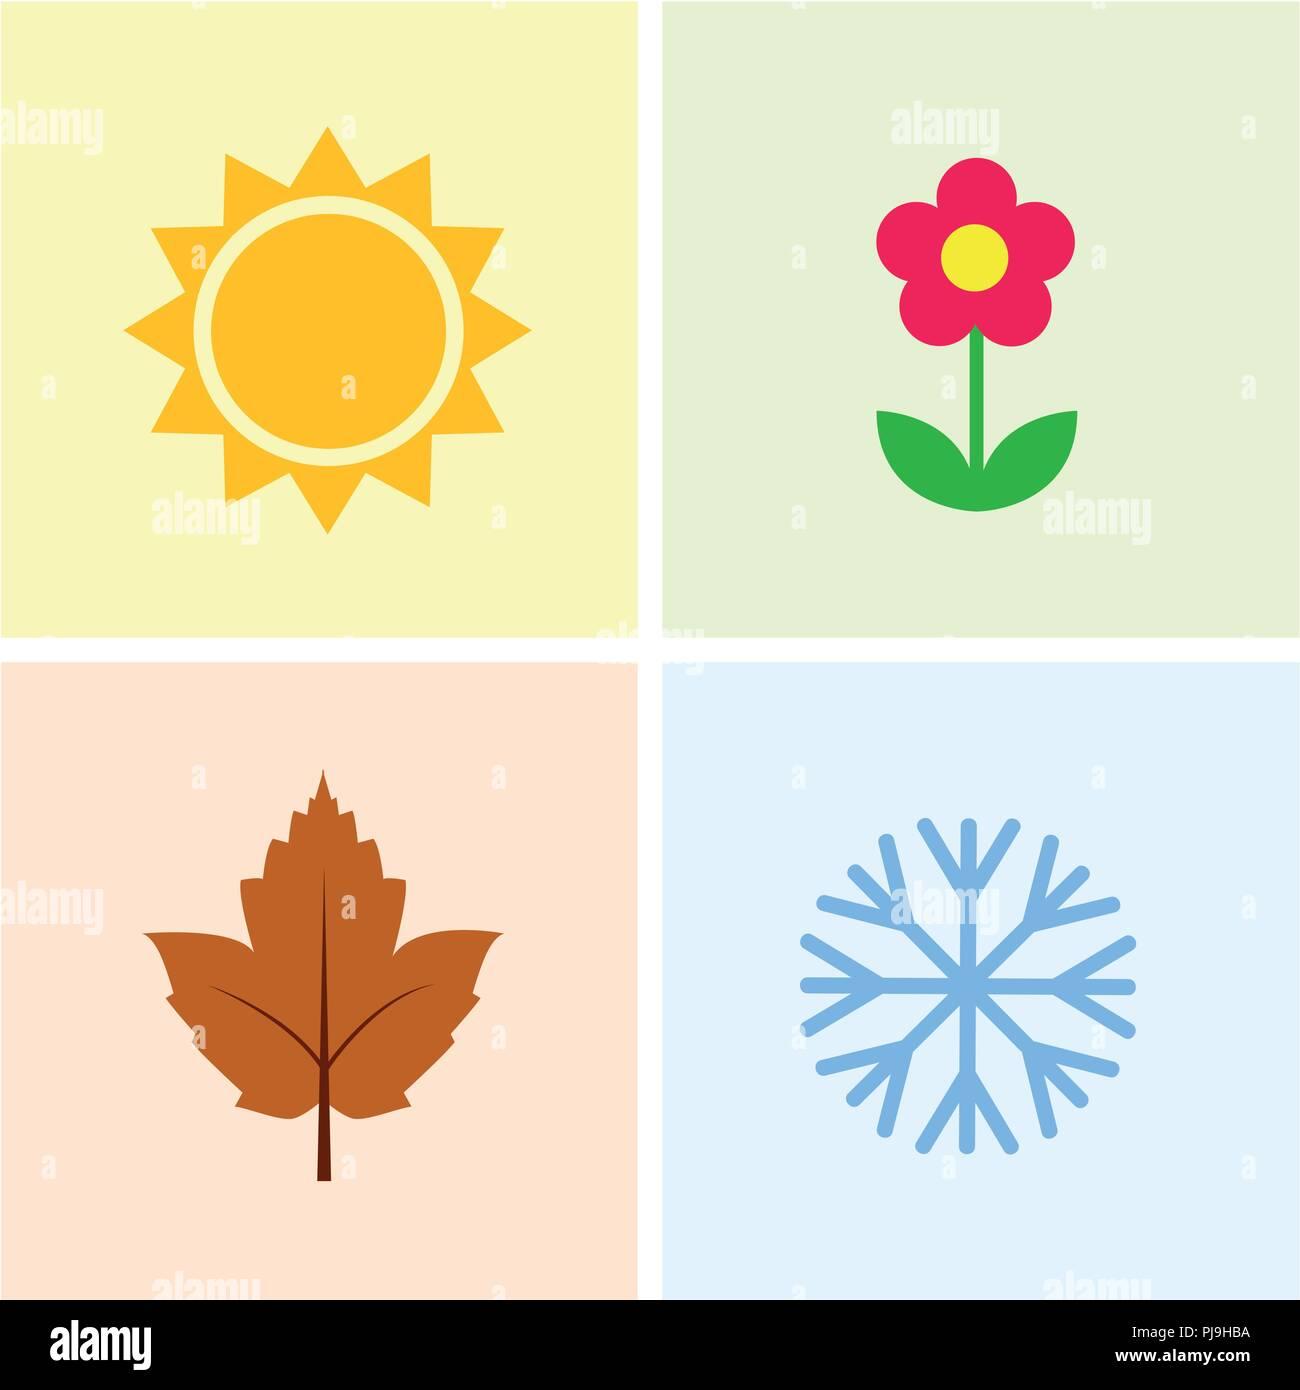 23003cd75318 Cuatro temporadas verano primavera otoño invierno calendario ...